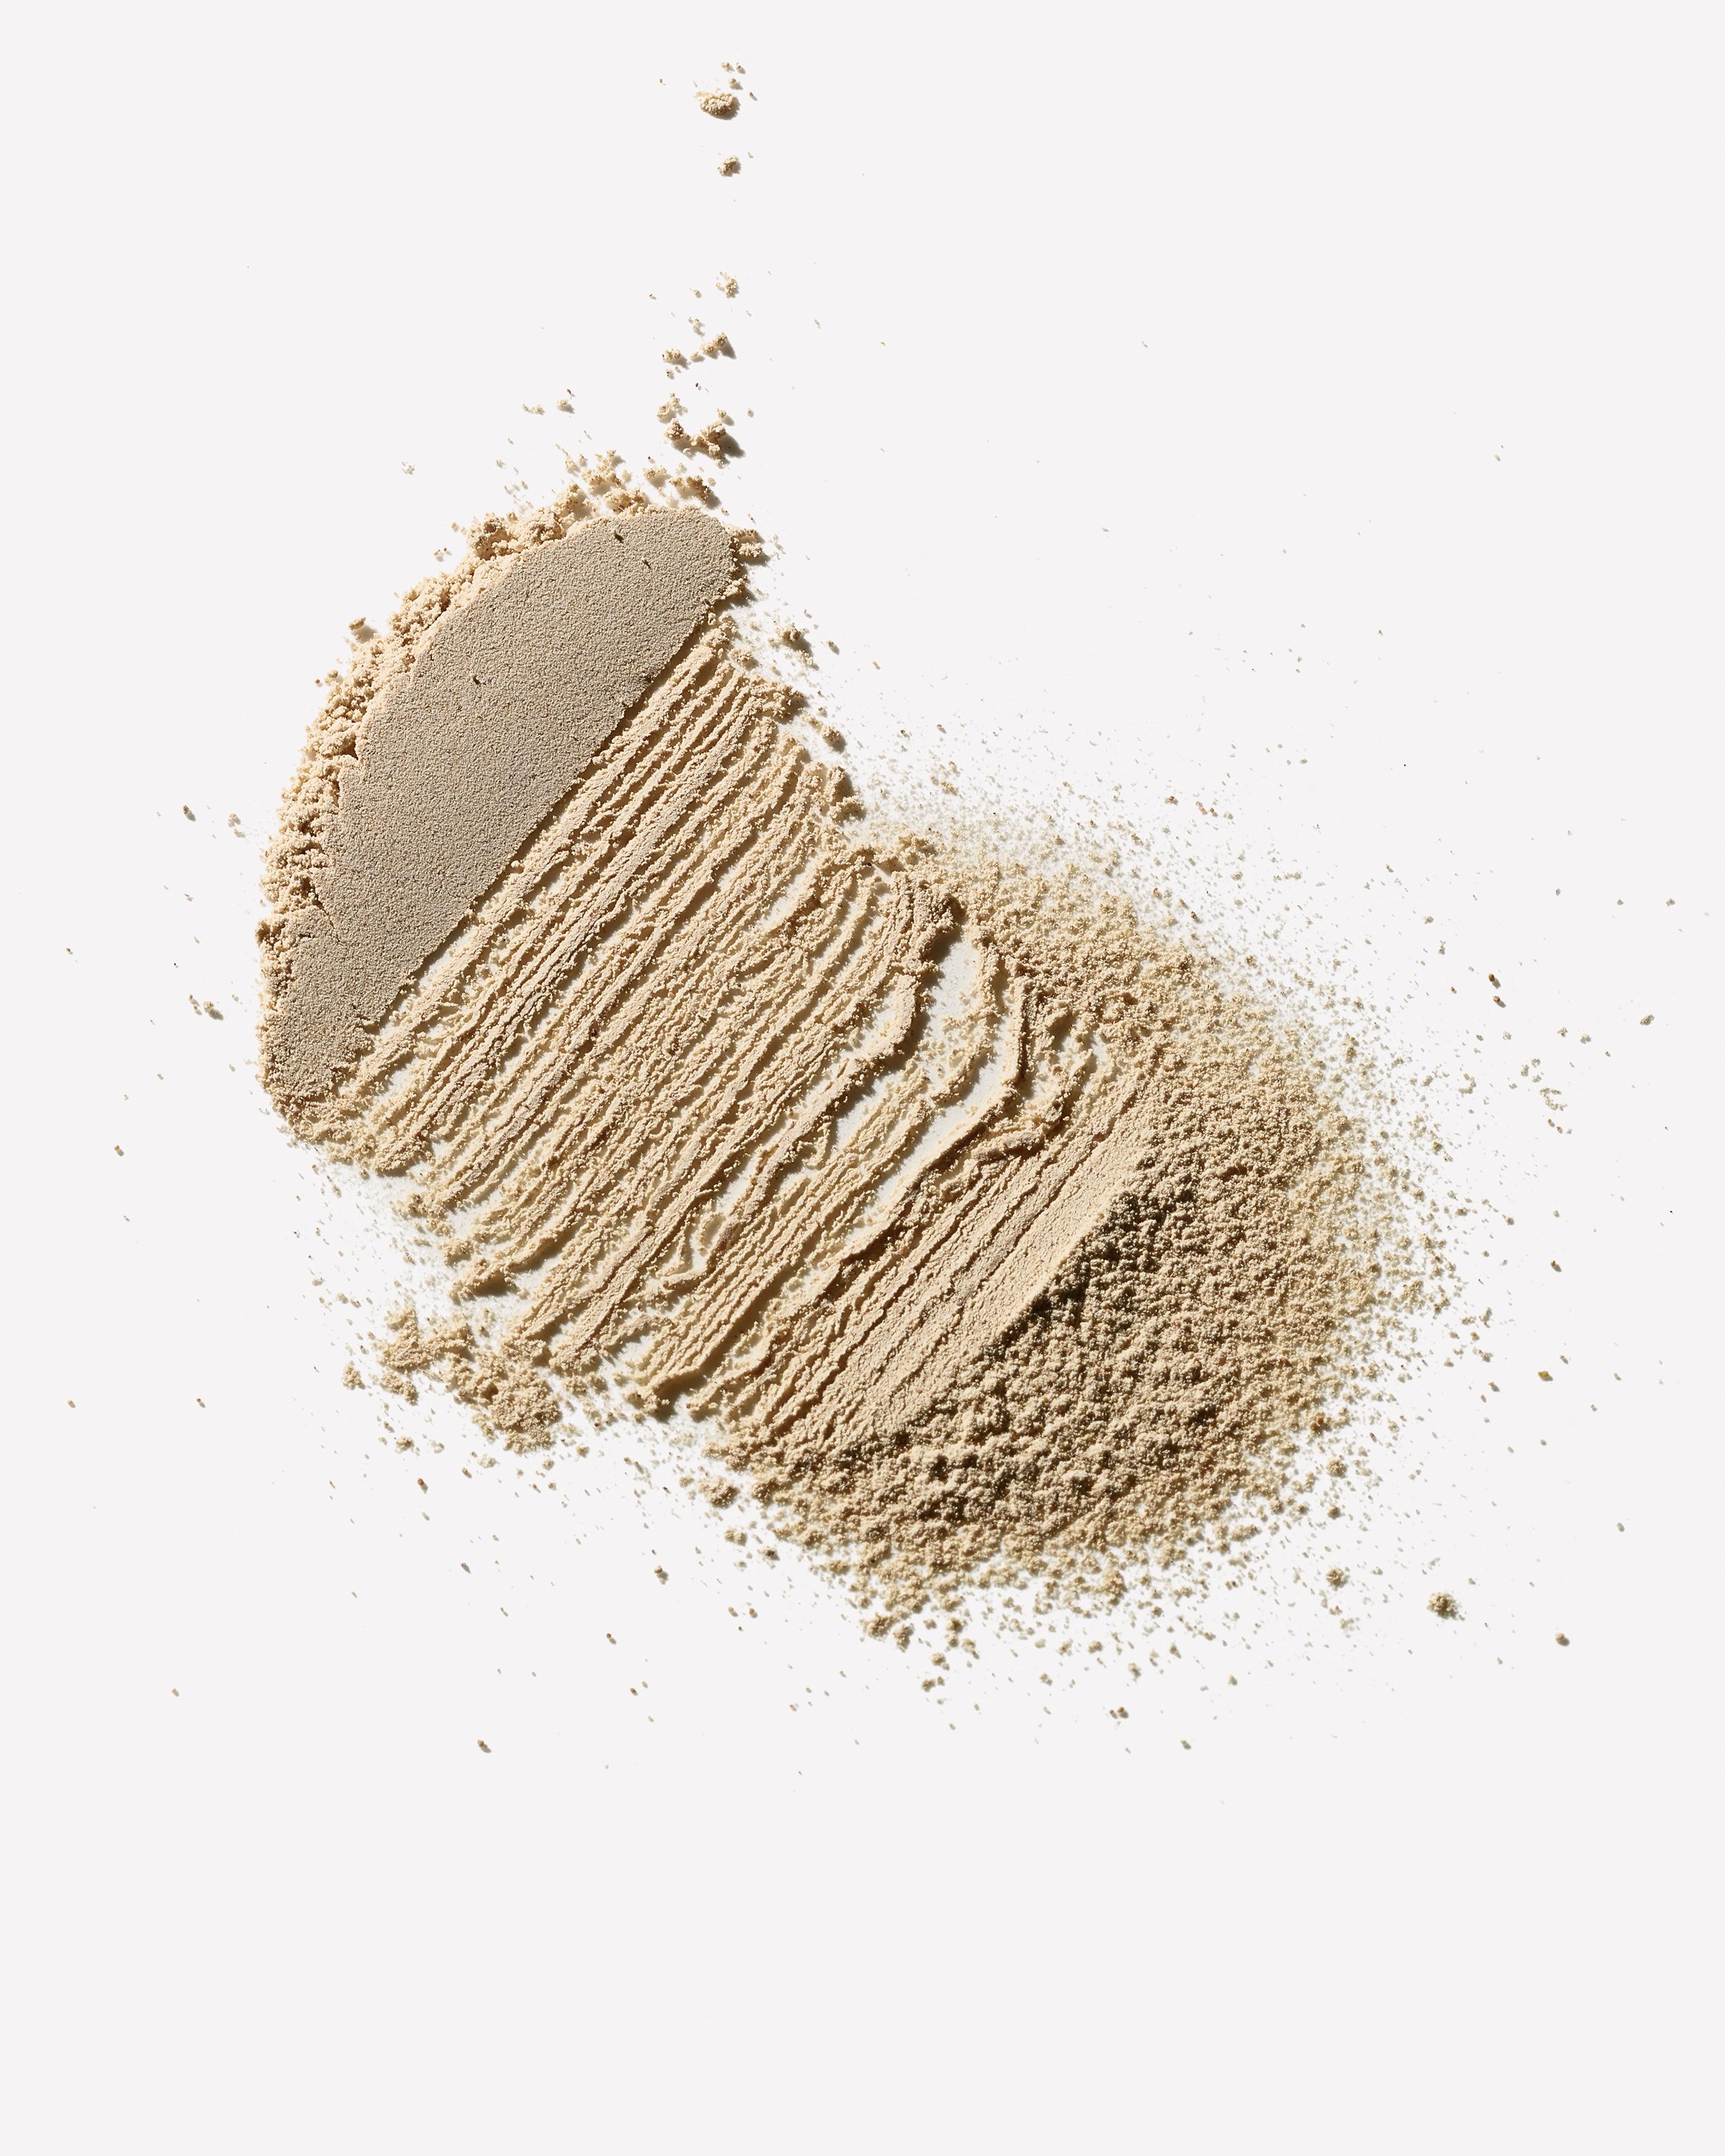 Prose ingredient shoot maca root powder